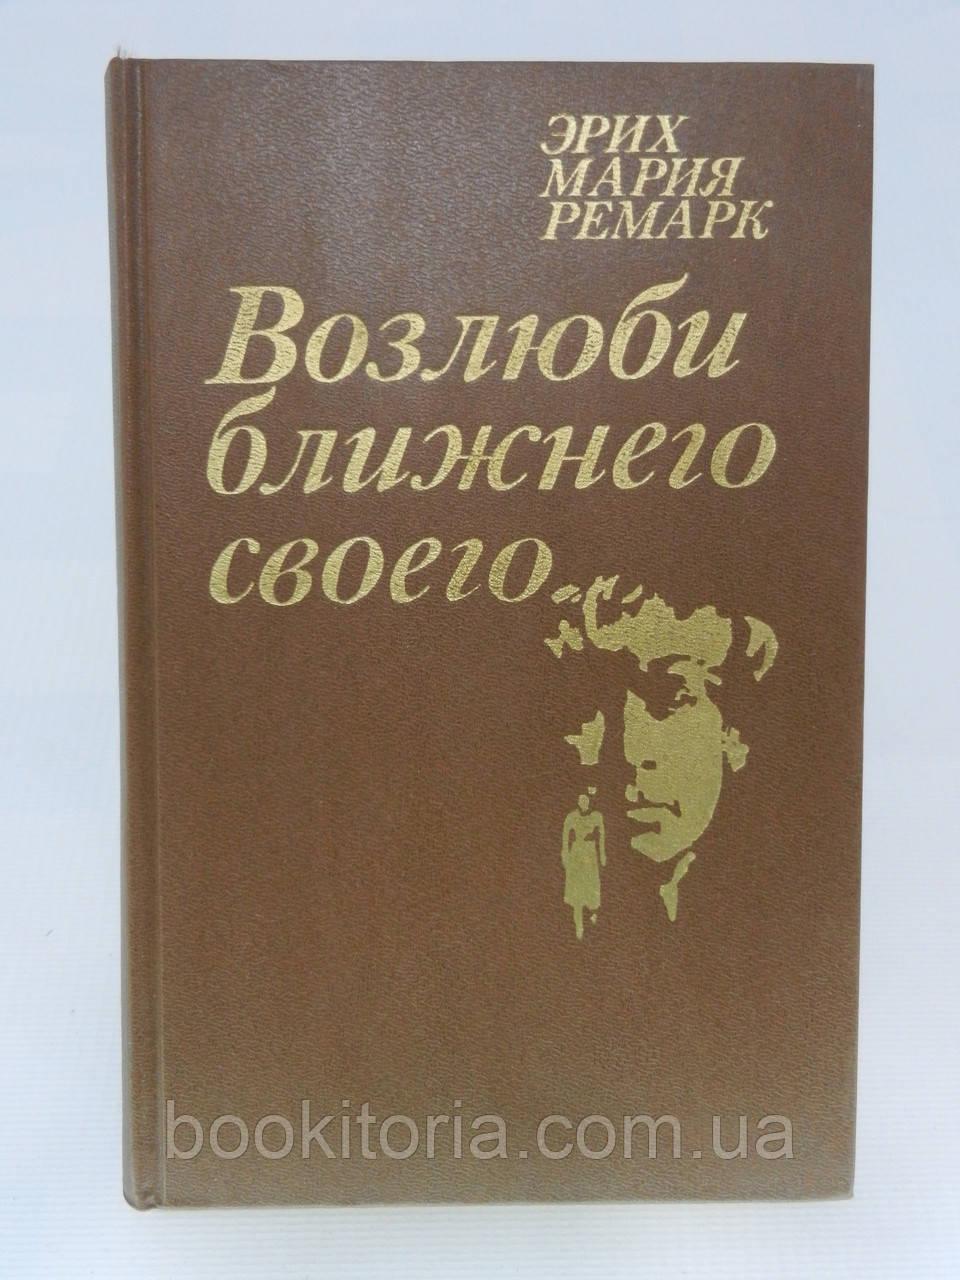 Ремарк Э.М. Возлюби ближнего своего (б/у).